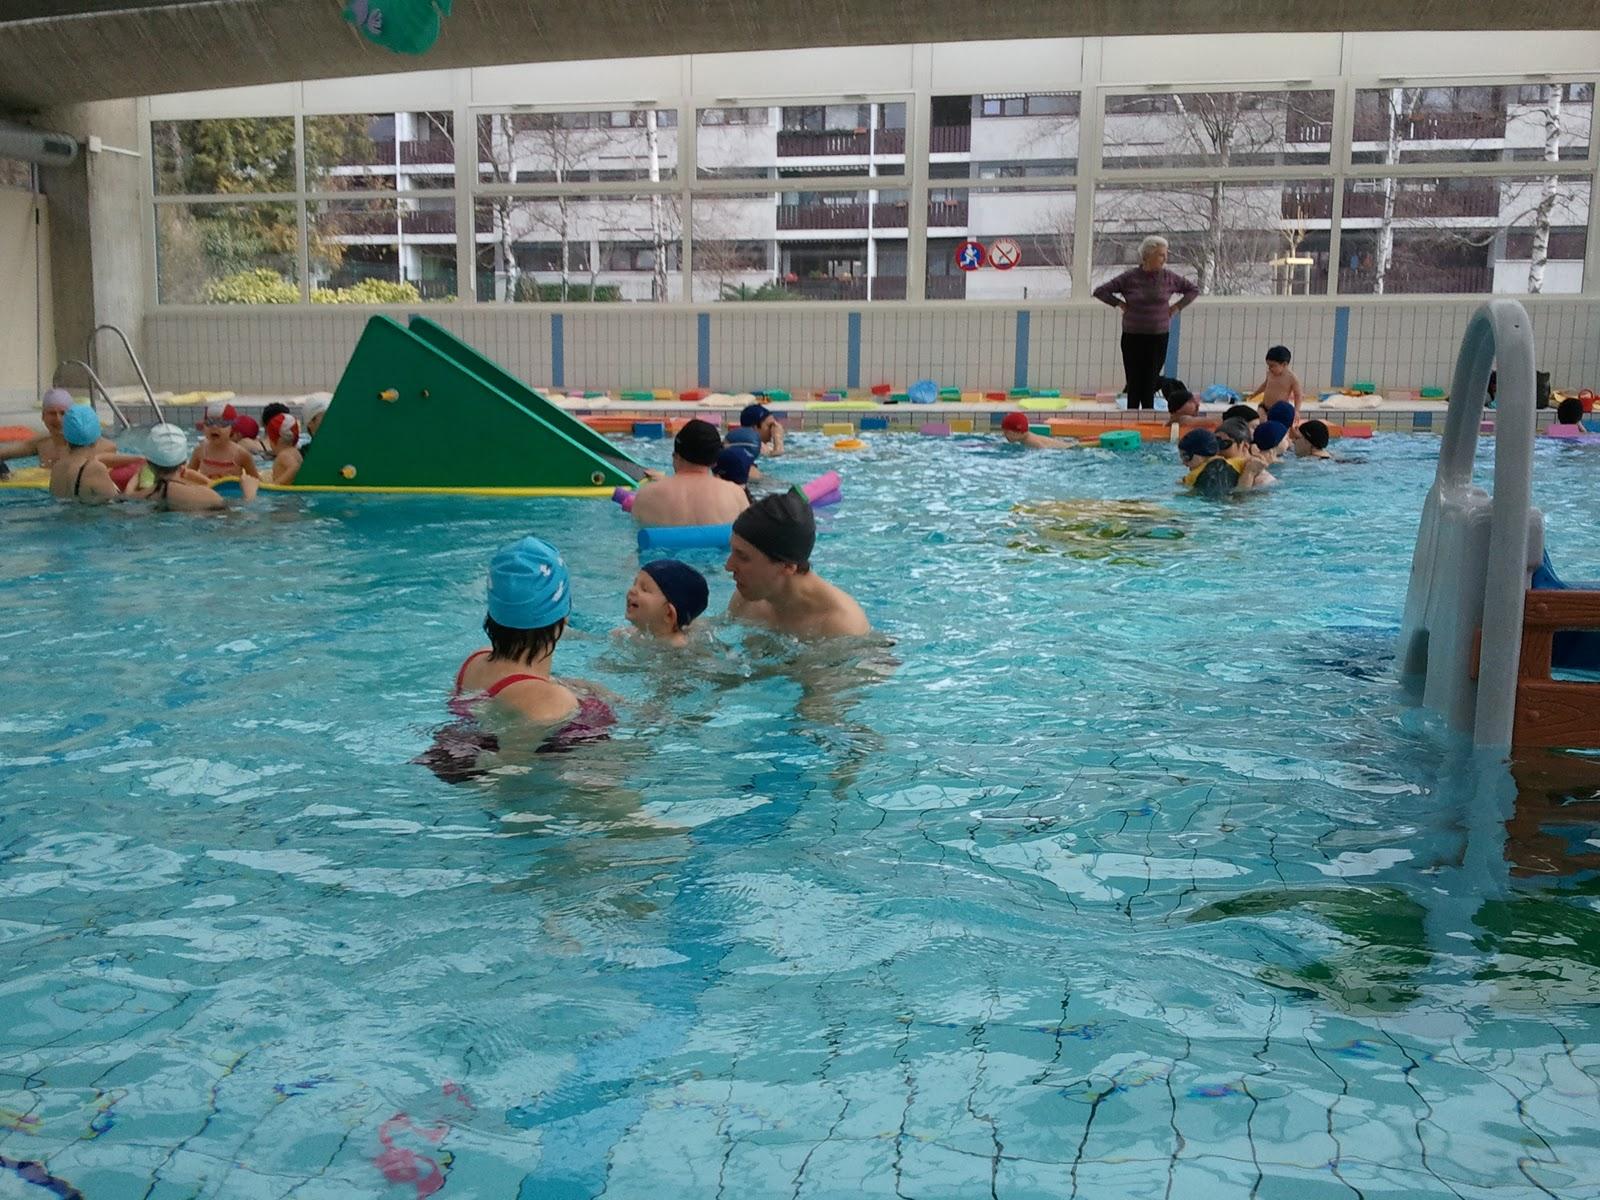 piscine de bébés-nageurs